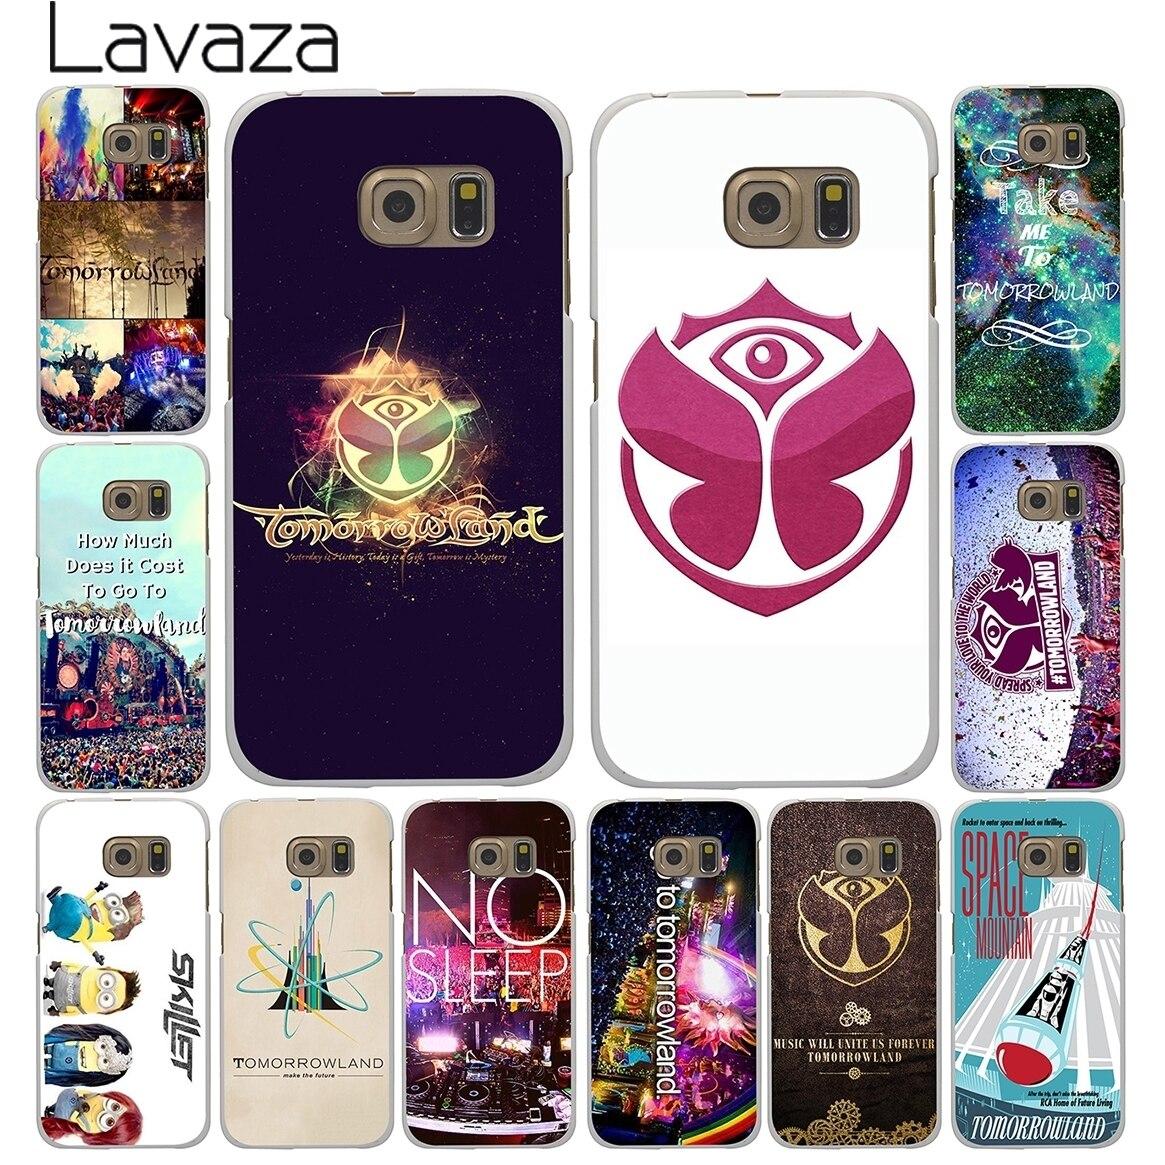 Lavaza Belgium Tomorrowland Music Festival Hard Style White for Samsung Galaxy S3 S4 S5 & Mini S6 S7 S8 Edge Plus Case Cover